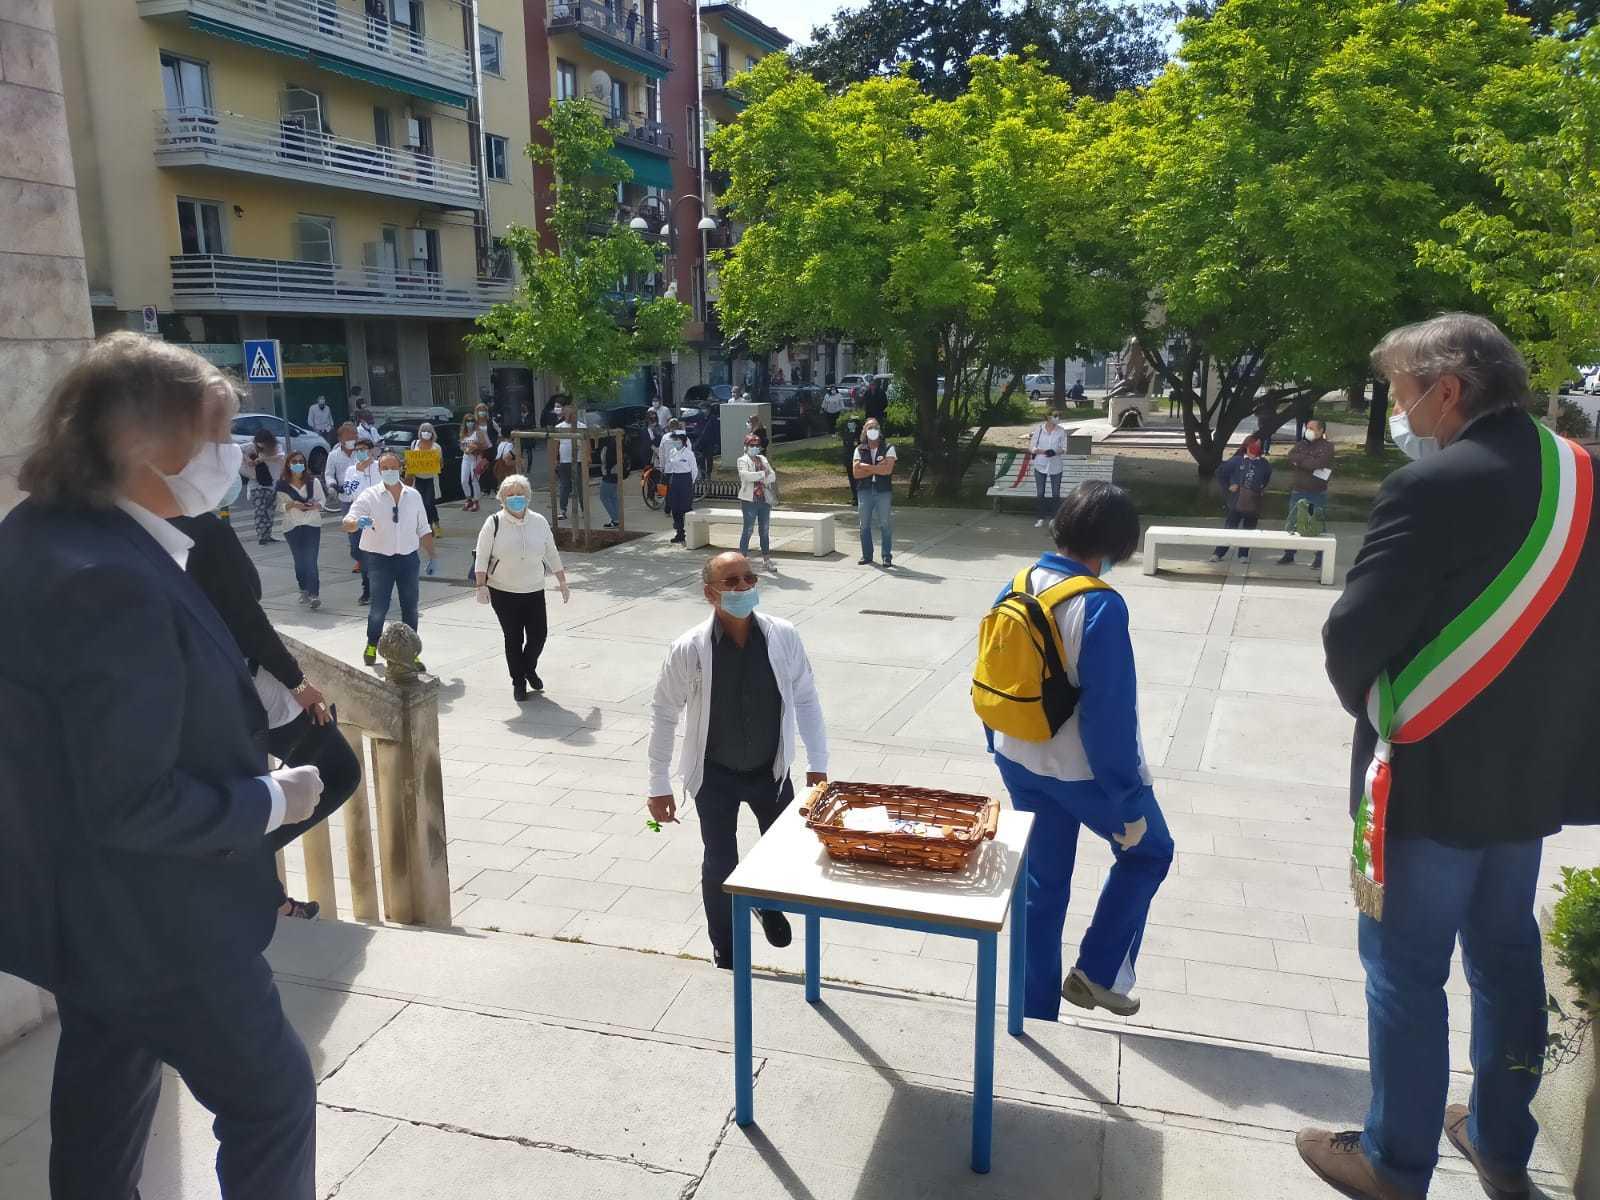 La protesta dei commercianti di Ronchi dei Legionari